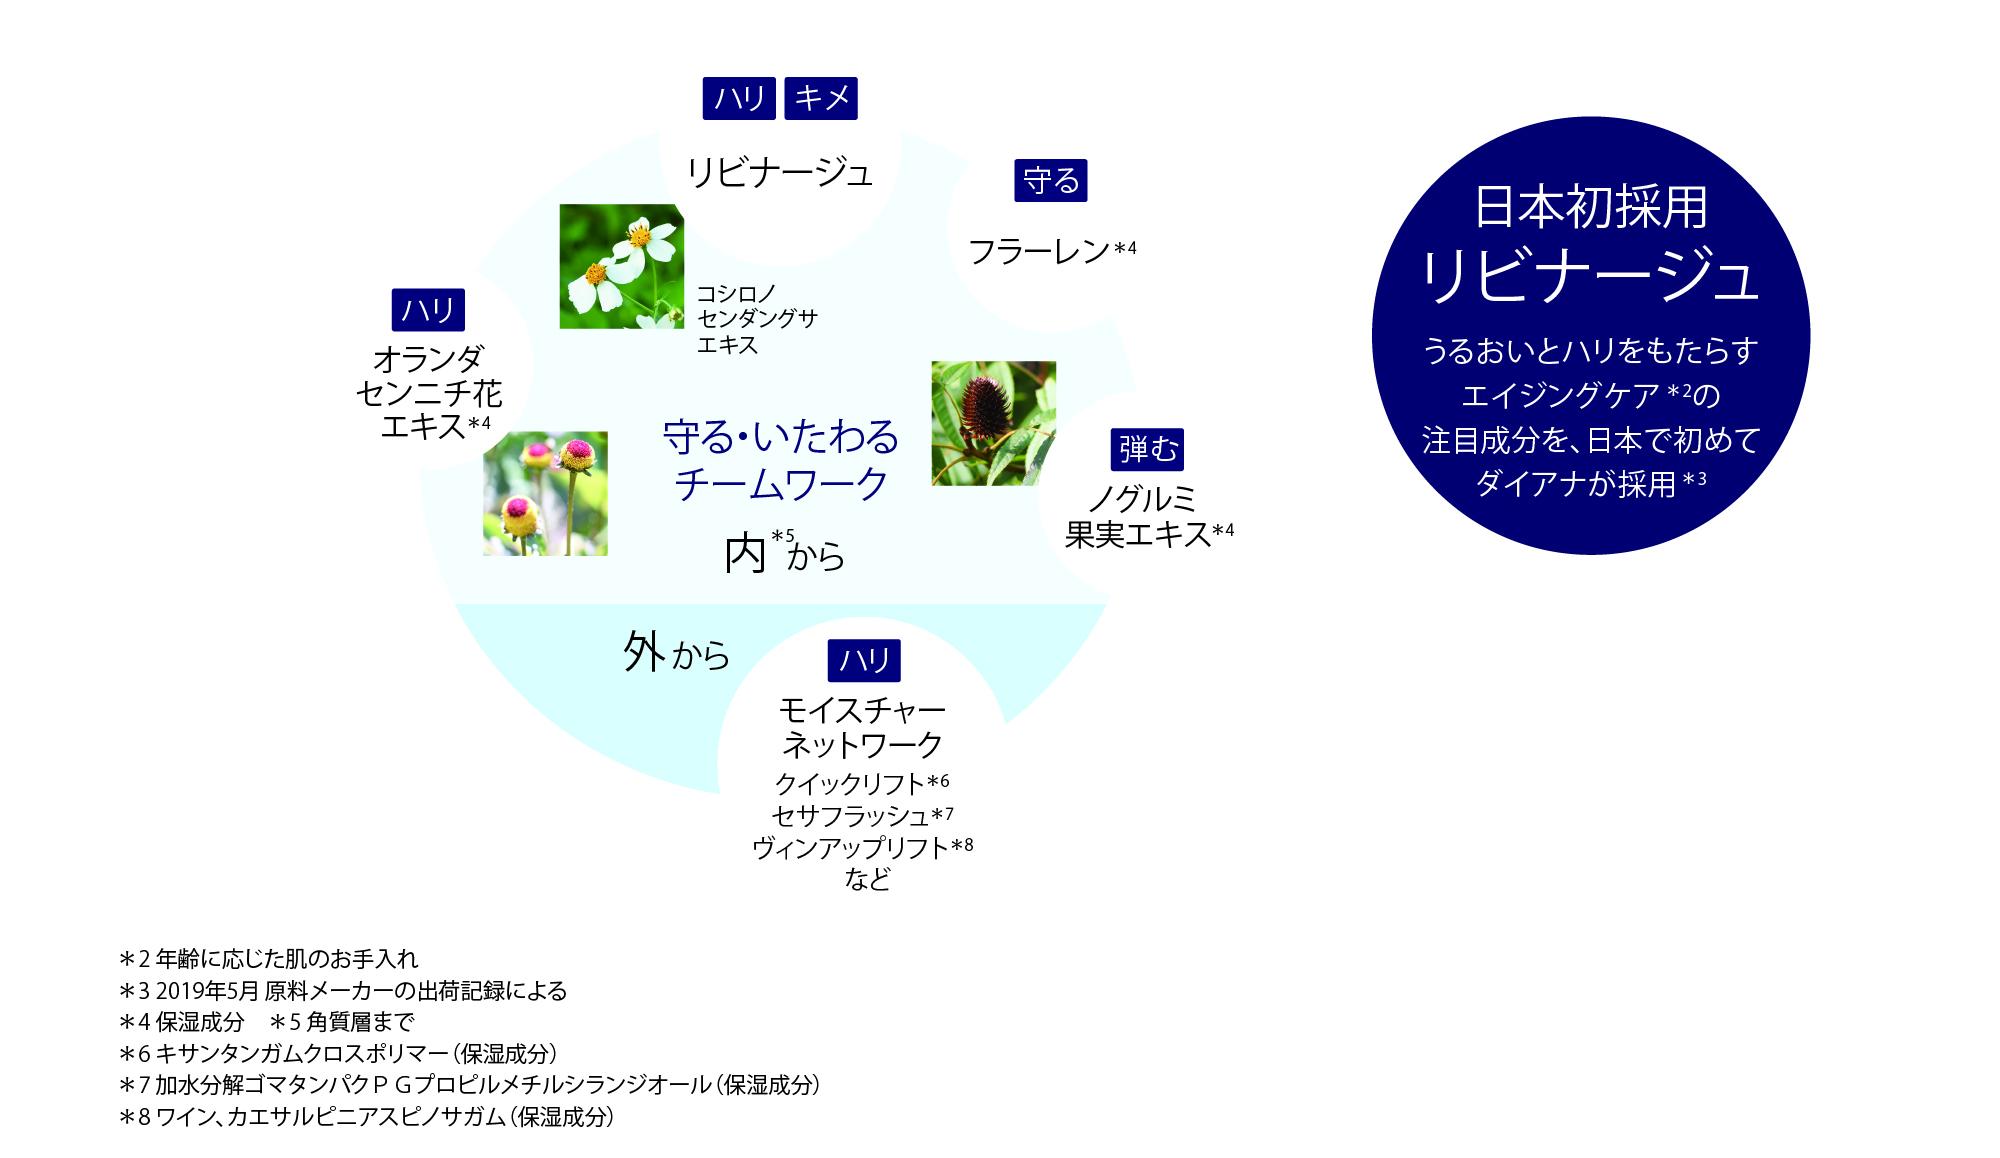 上向き美女シリーズ(アグレス内容)